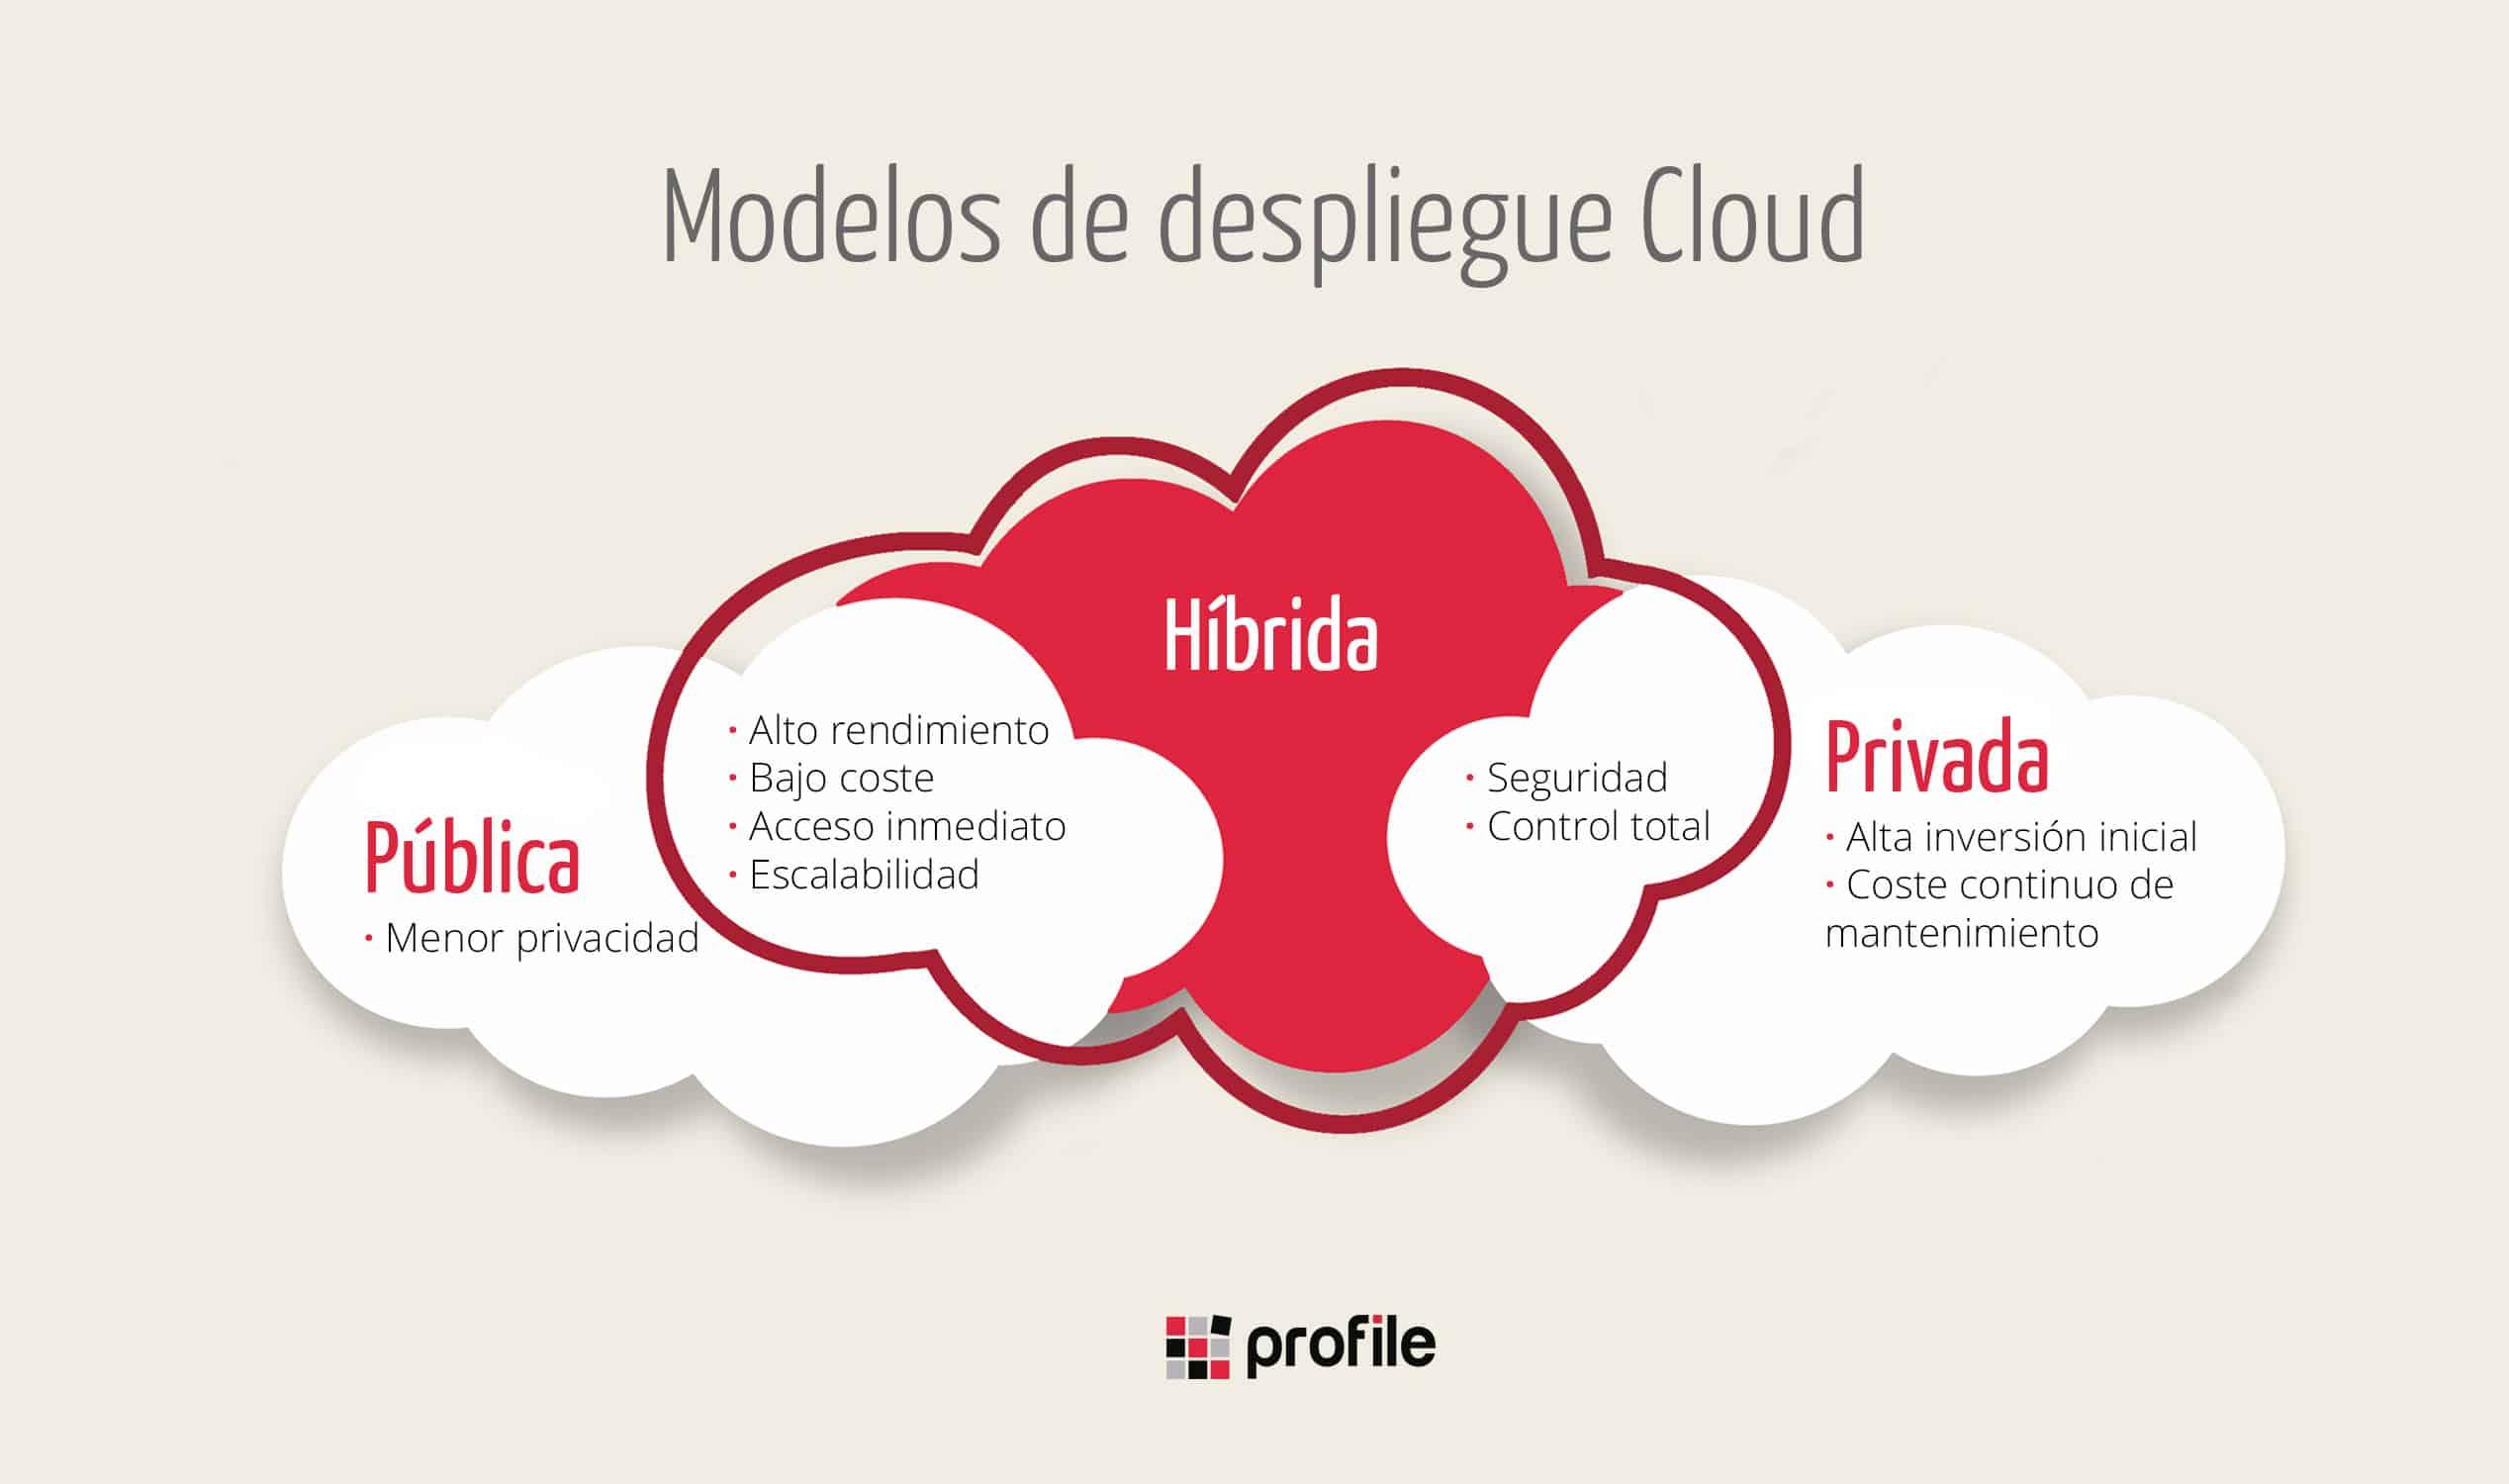 modelos de despliegue en la nube: cloud pública, pribvada e híbrida